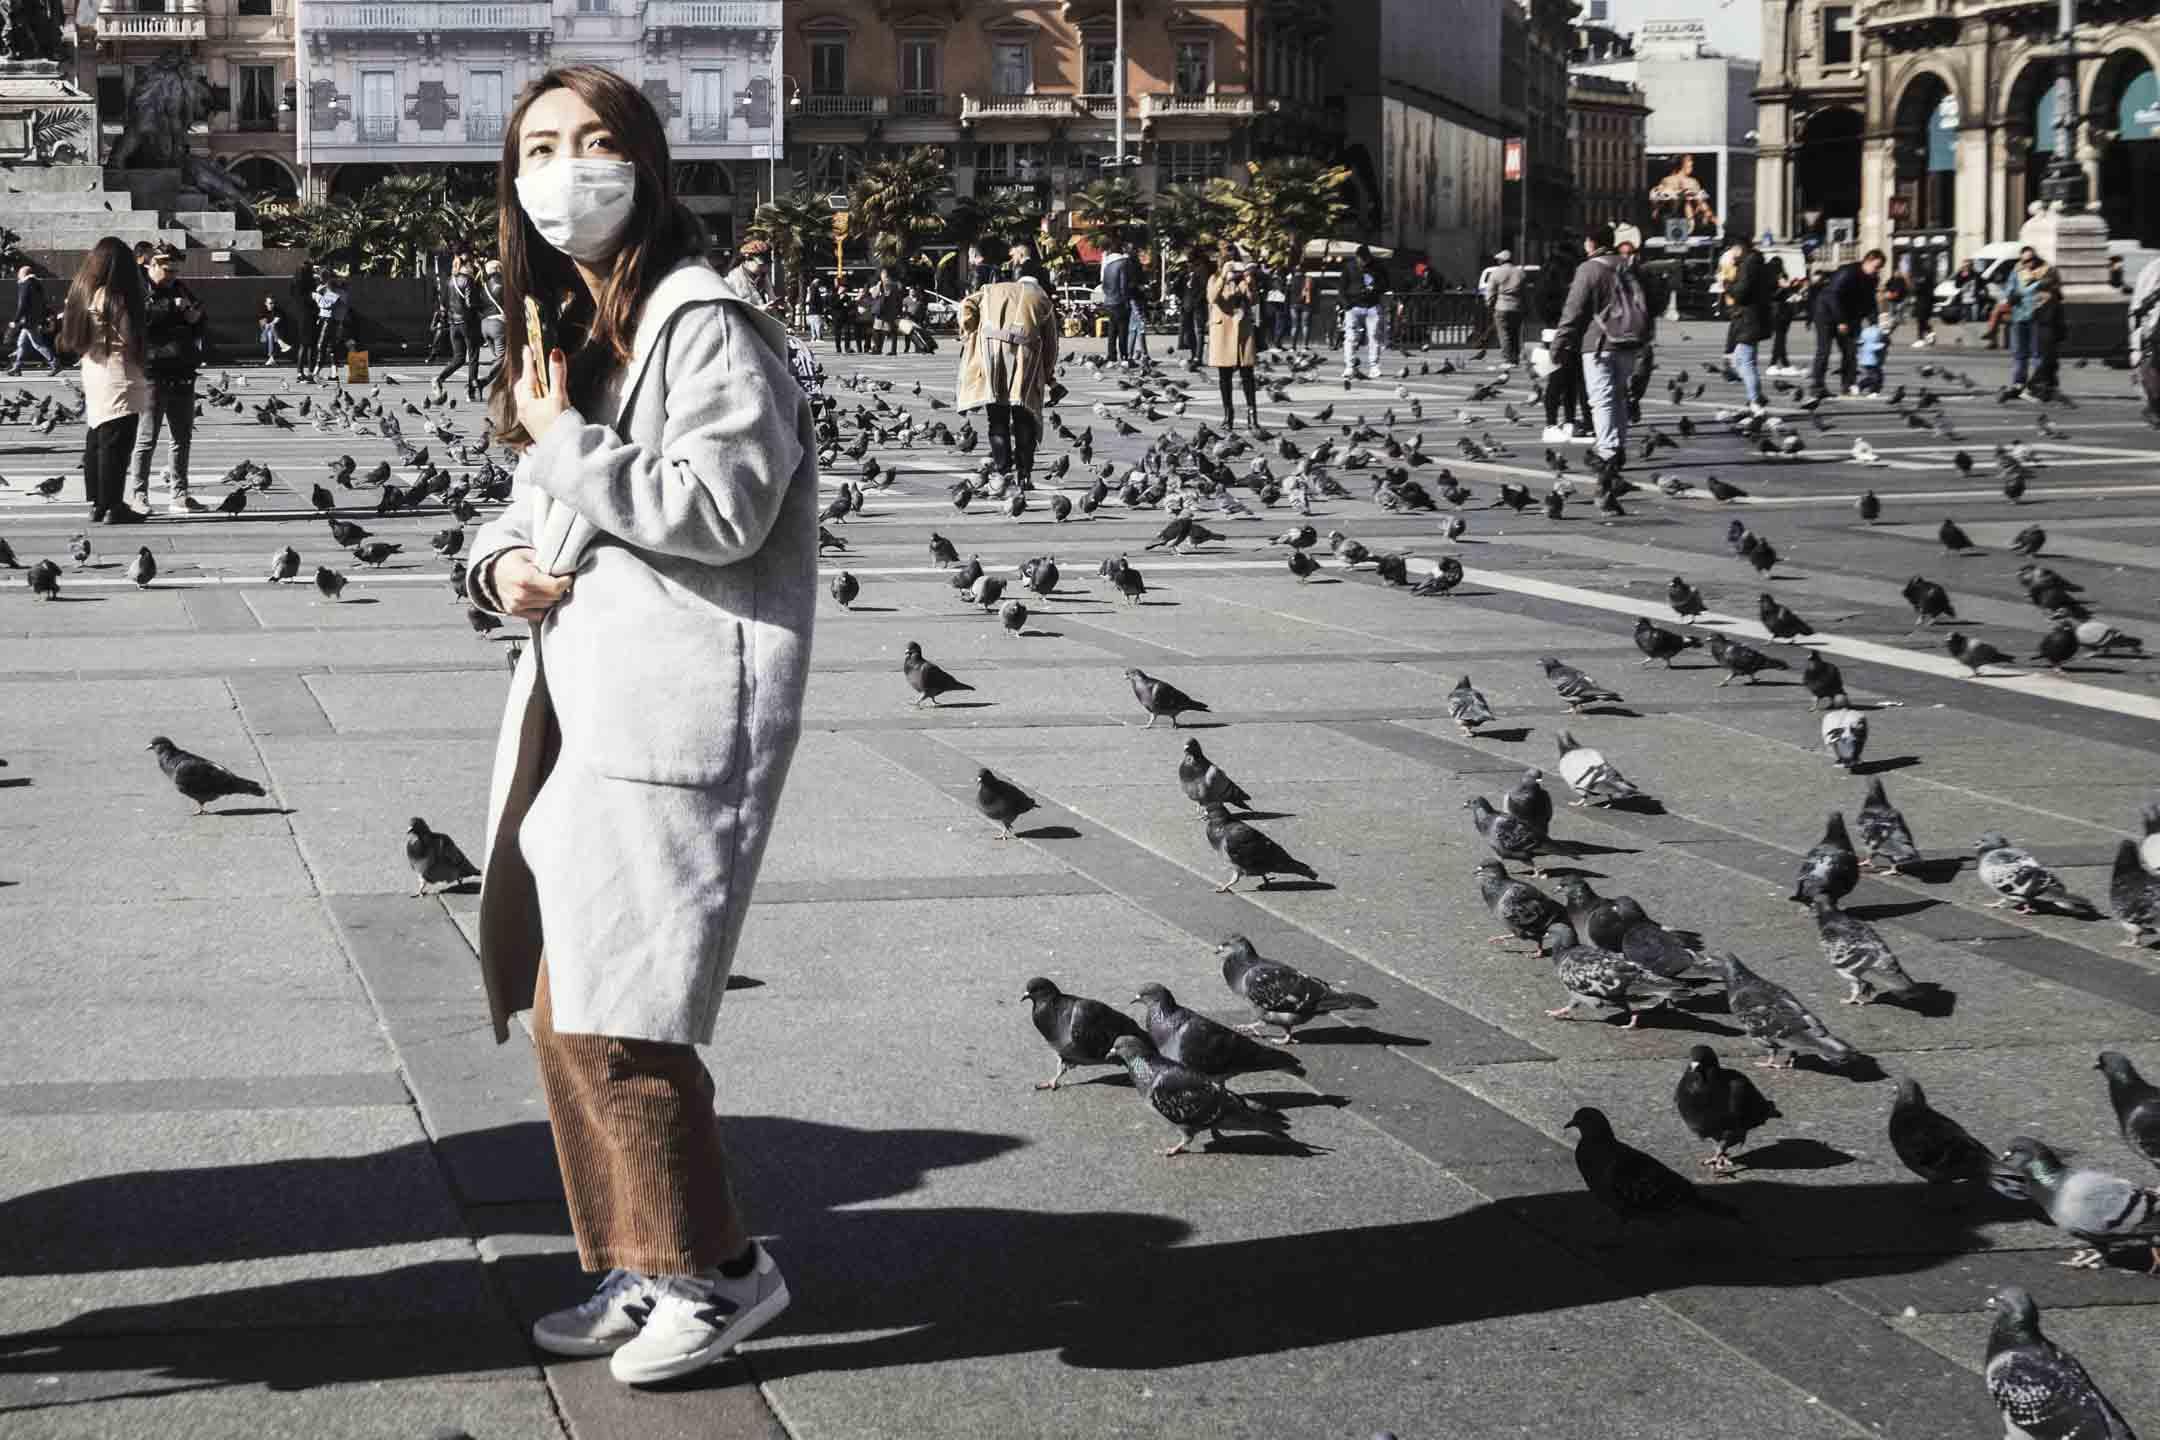 2020年2月27日,一名戴著防護口罩的遊客在意大利米蘭的大教堂廣場上。 攝:Ginamarco Maraviglia/Bloomberg via Getty Images